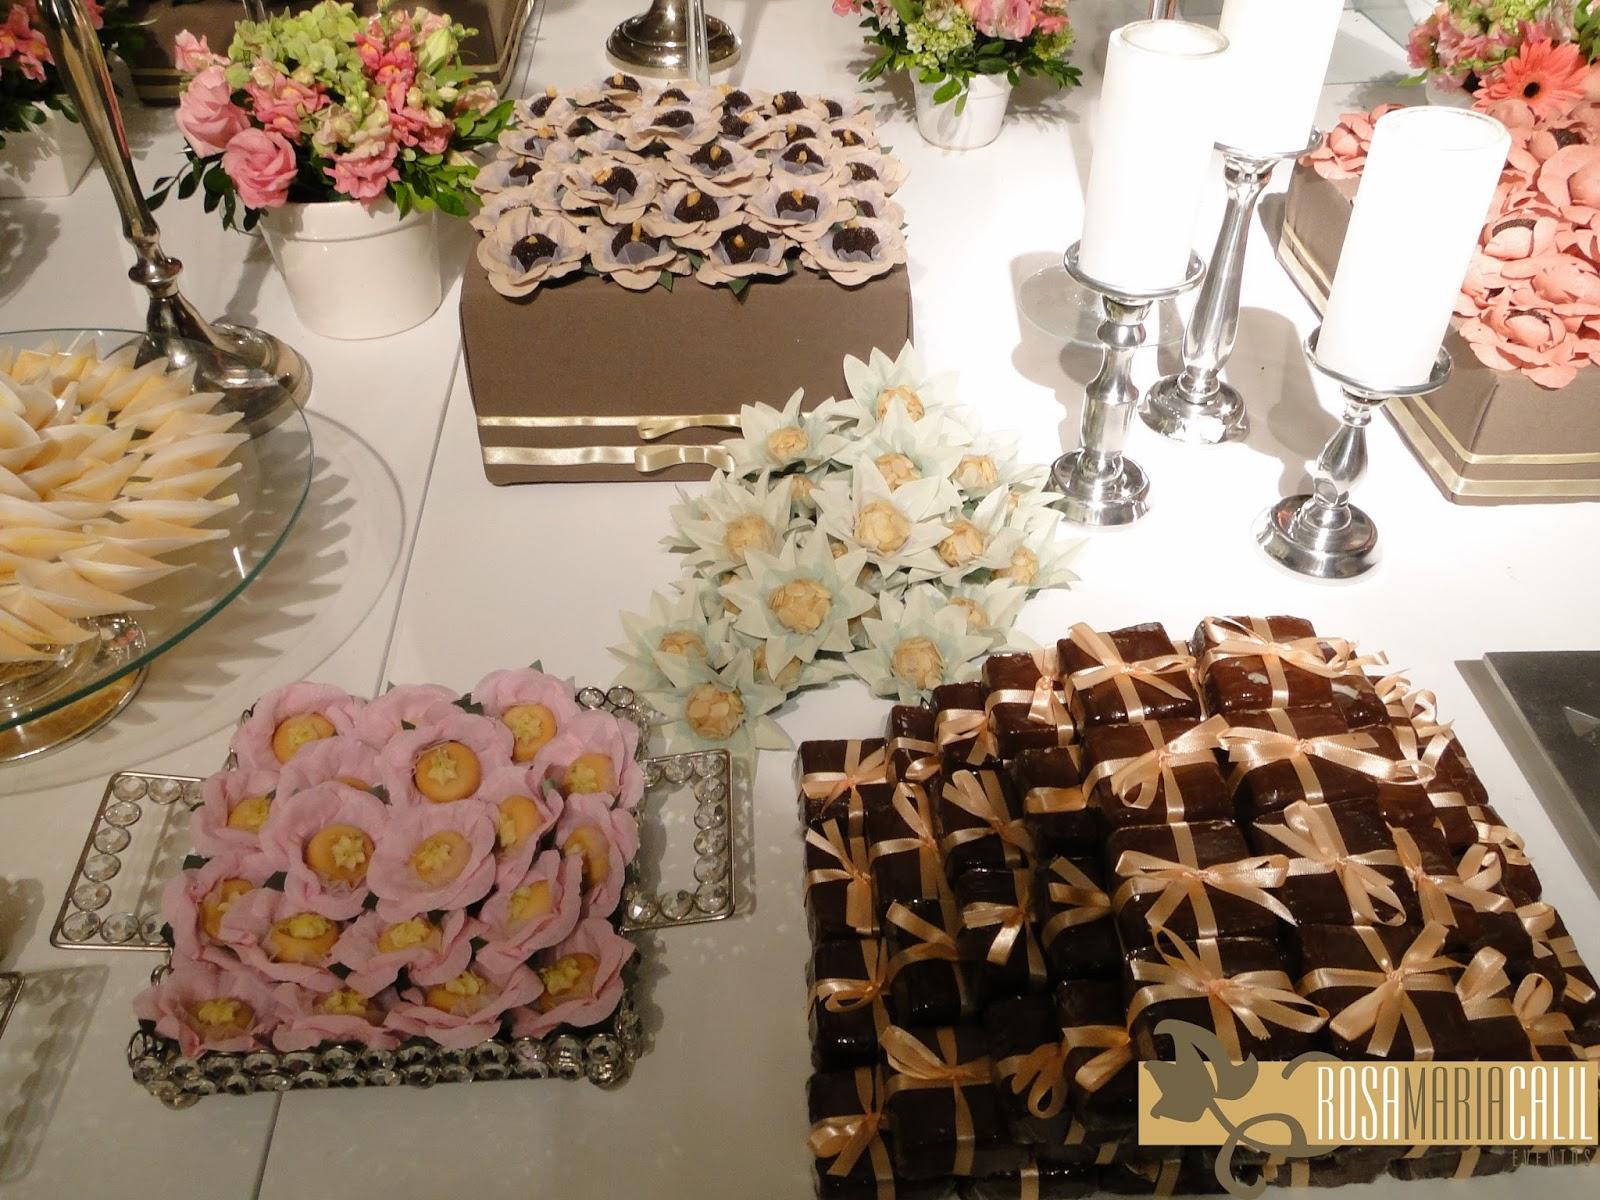 brownie, forma de flor com doce, castiçal de prata, velas, casamento